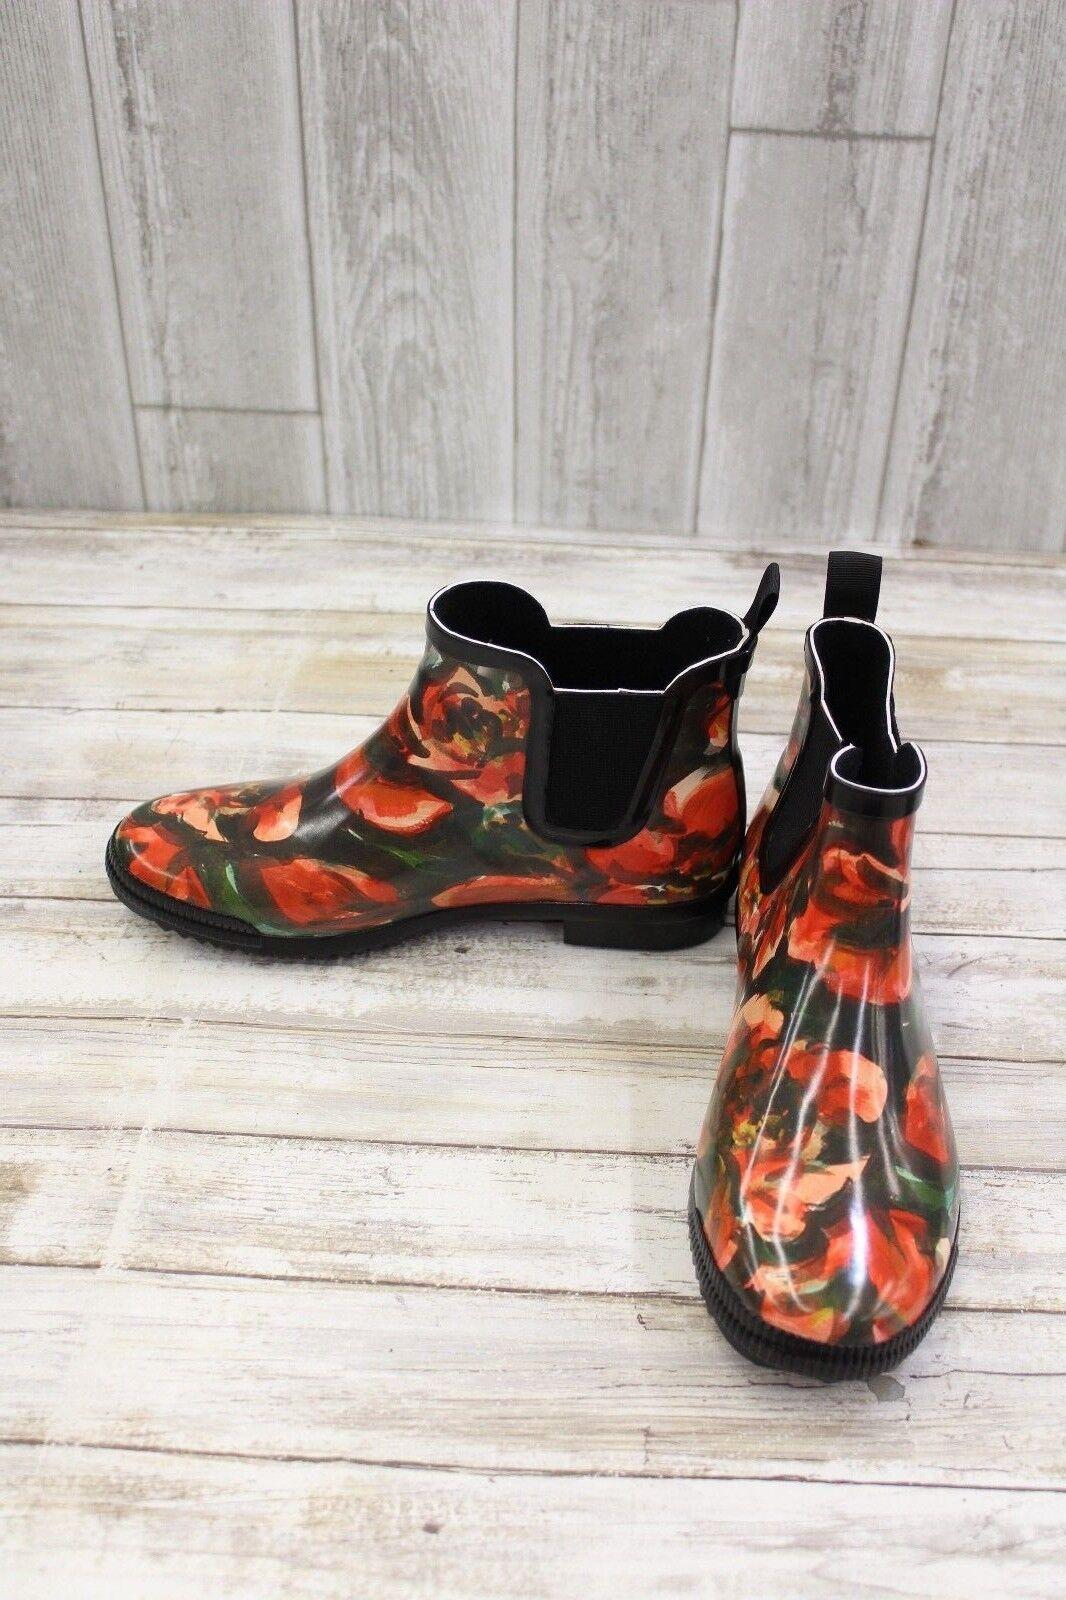 Cougar Kensington Rubber Ankle Boots - Women's Size 8 Floral